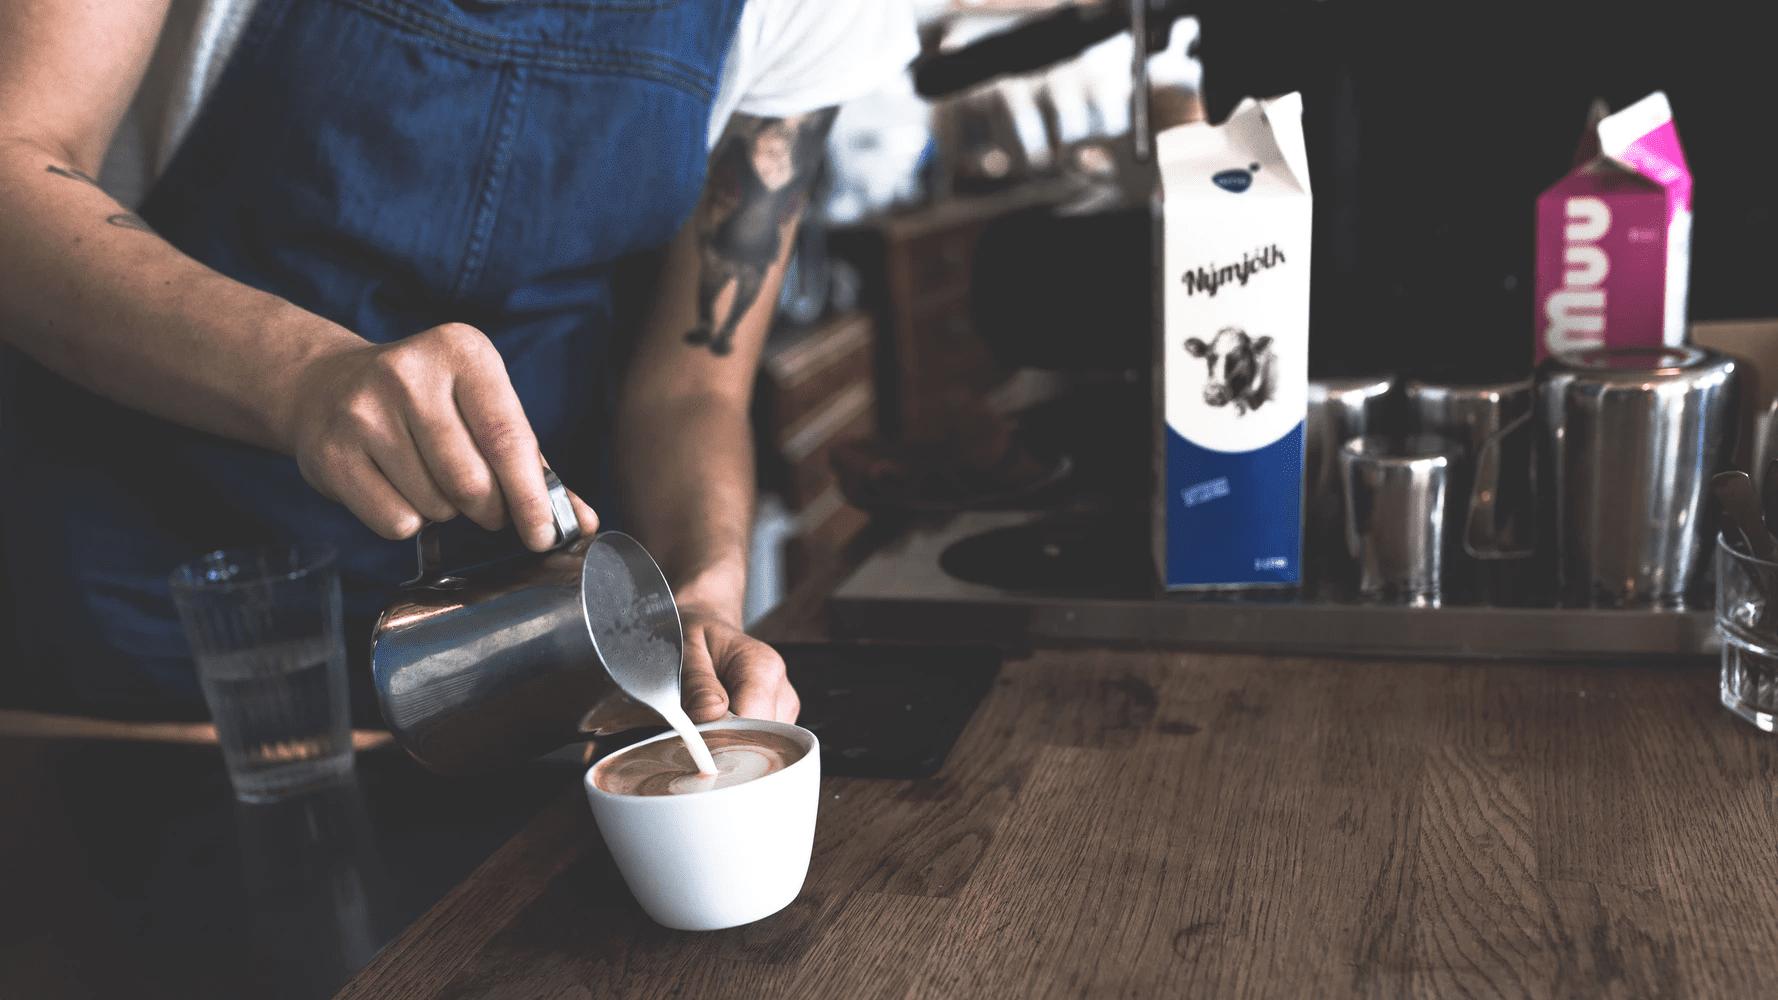 barista pouring milk on a espresso to make a cappuccino